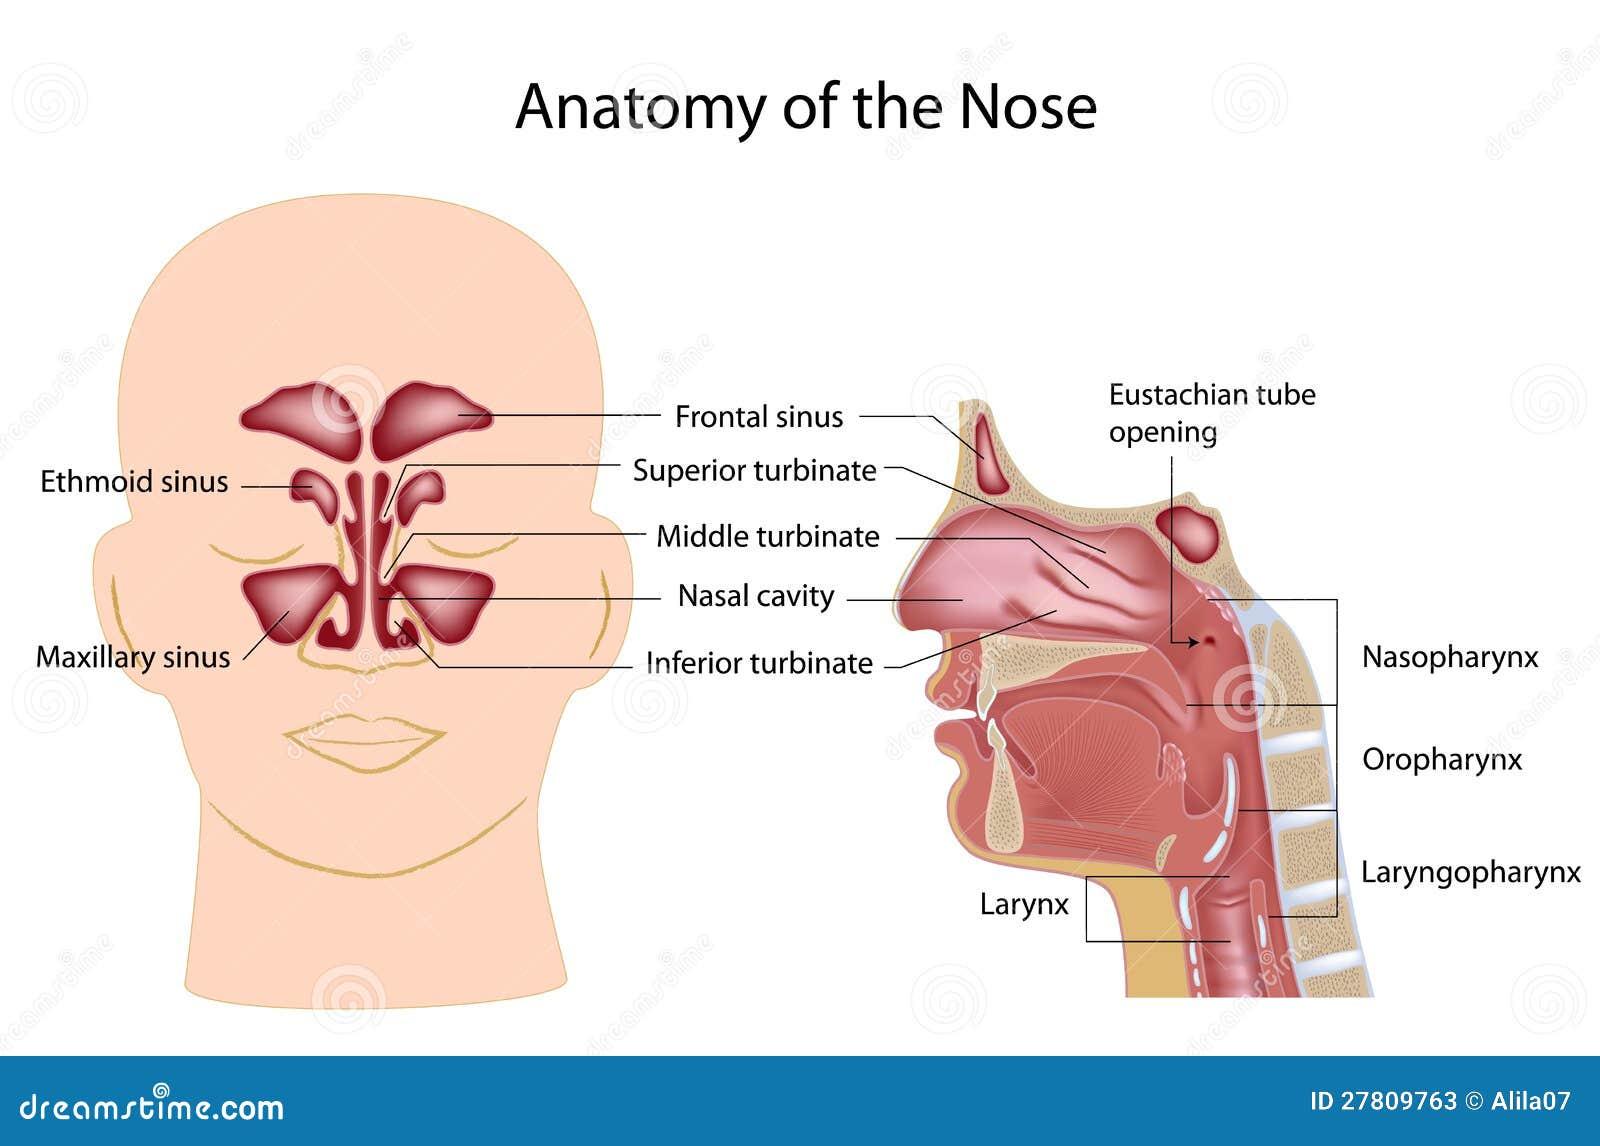 Groß Endoskopische Anatomie Der Nase Ideen - Menschliche Anatomie ...